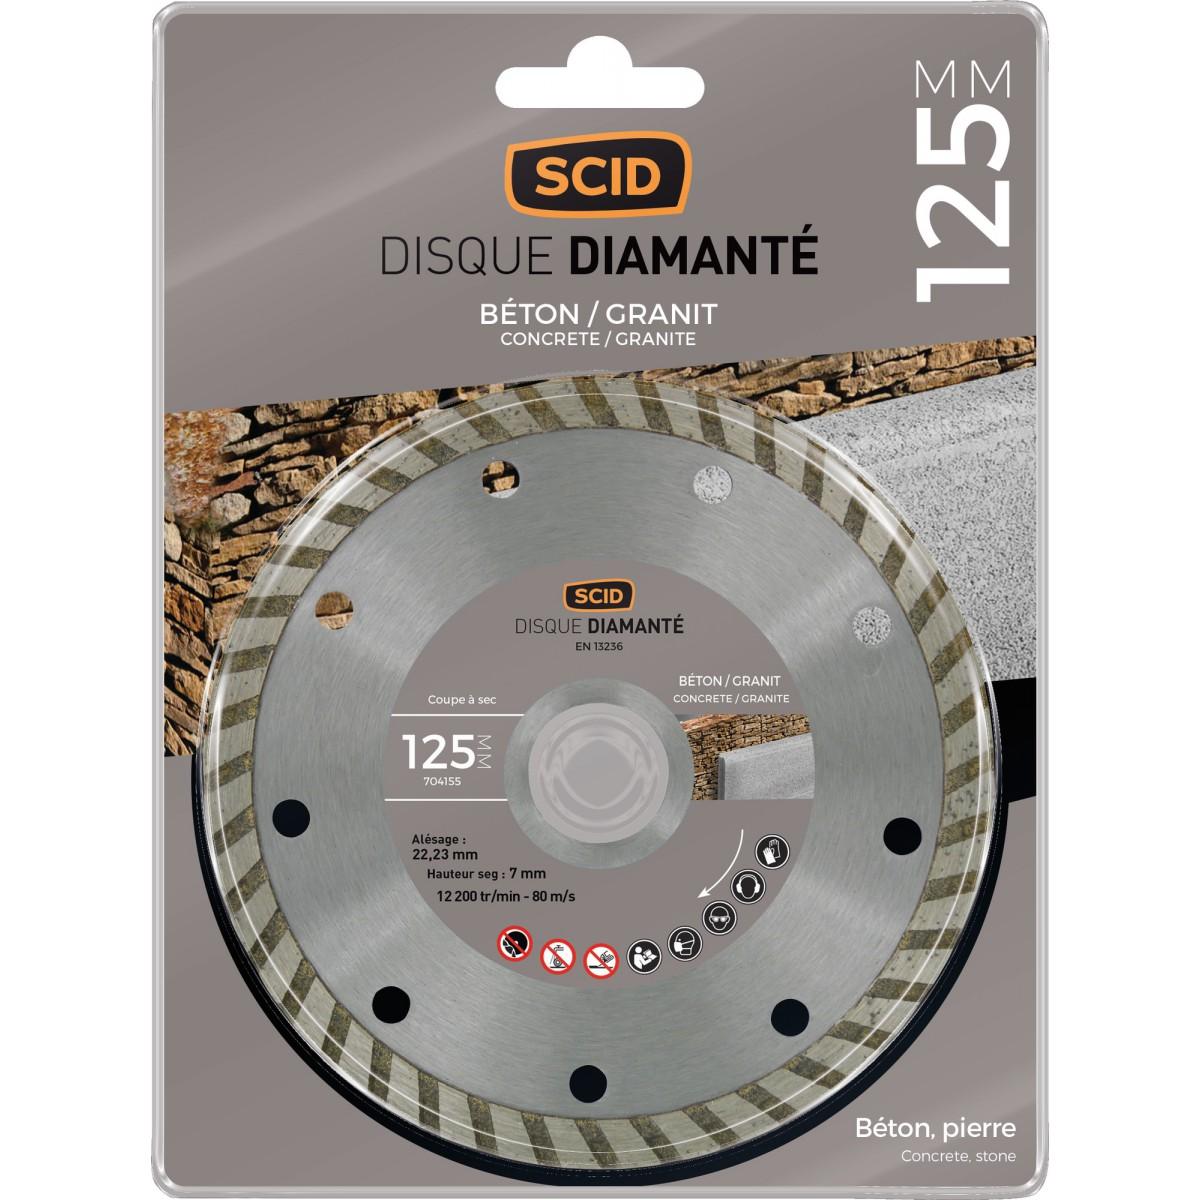 Disque diamanté béton granit bricolage SCID - Diamètre 125 mm